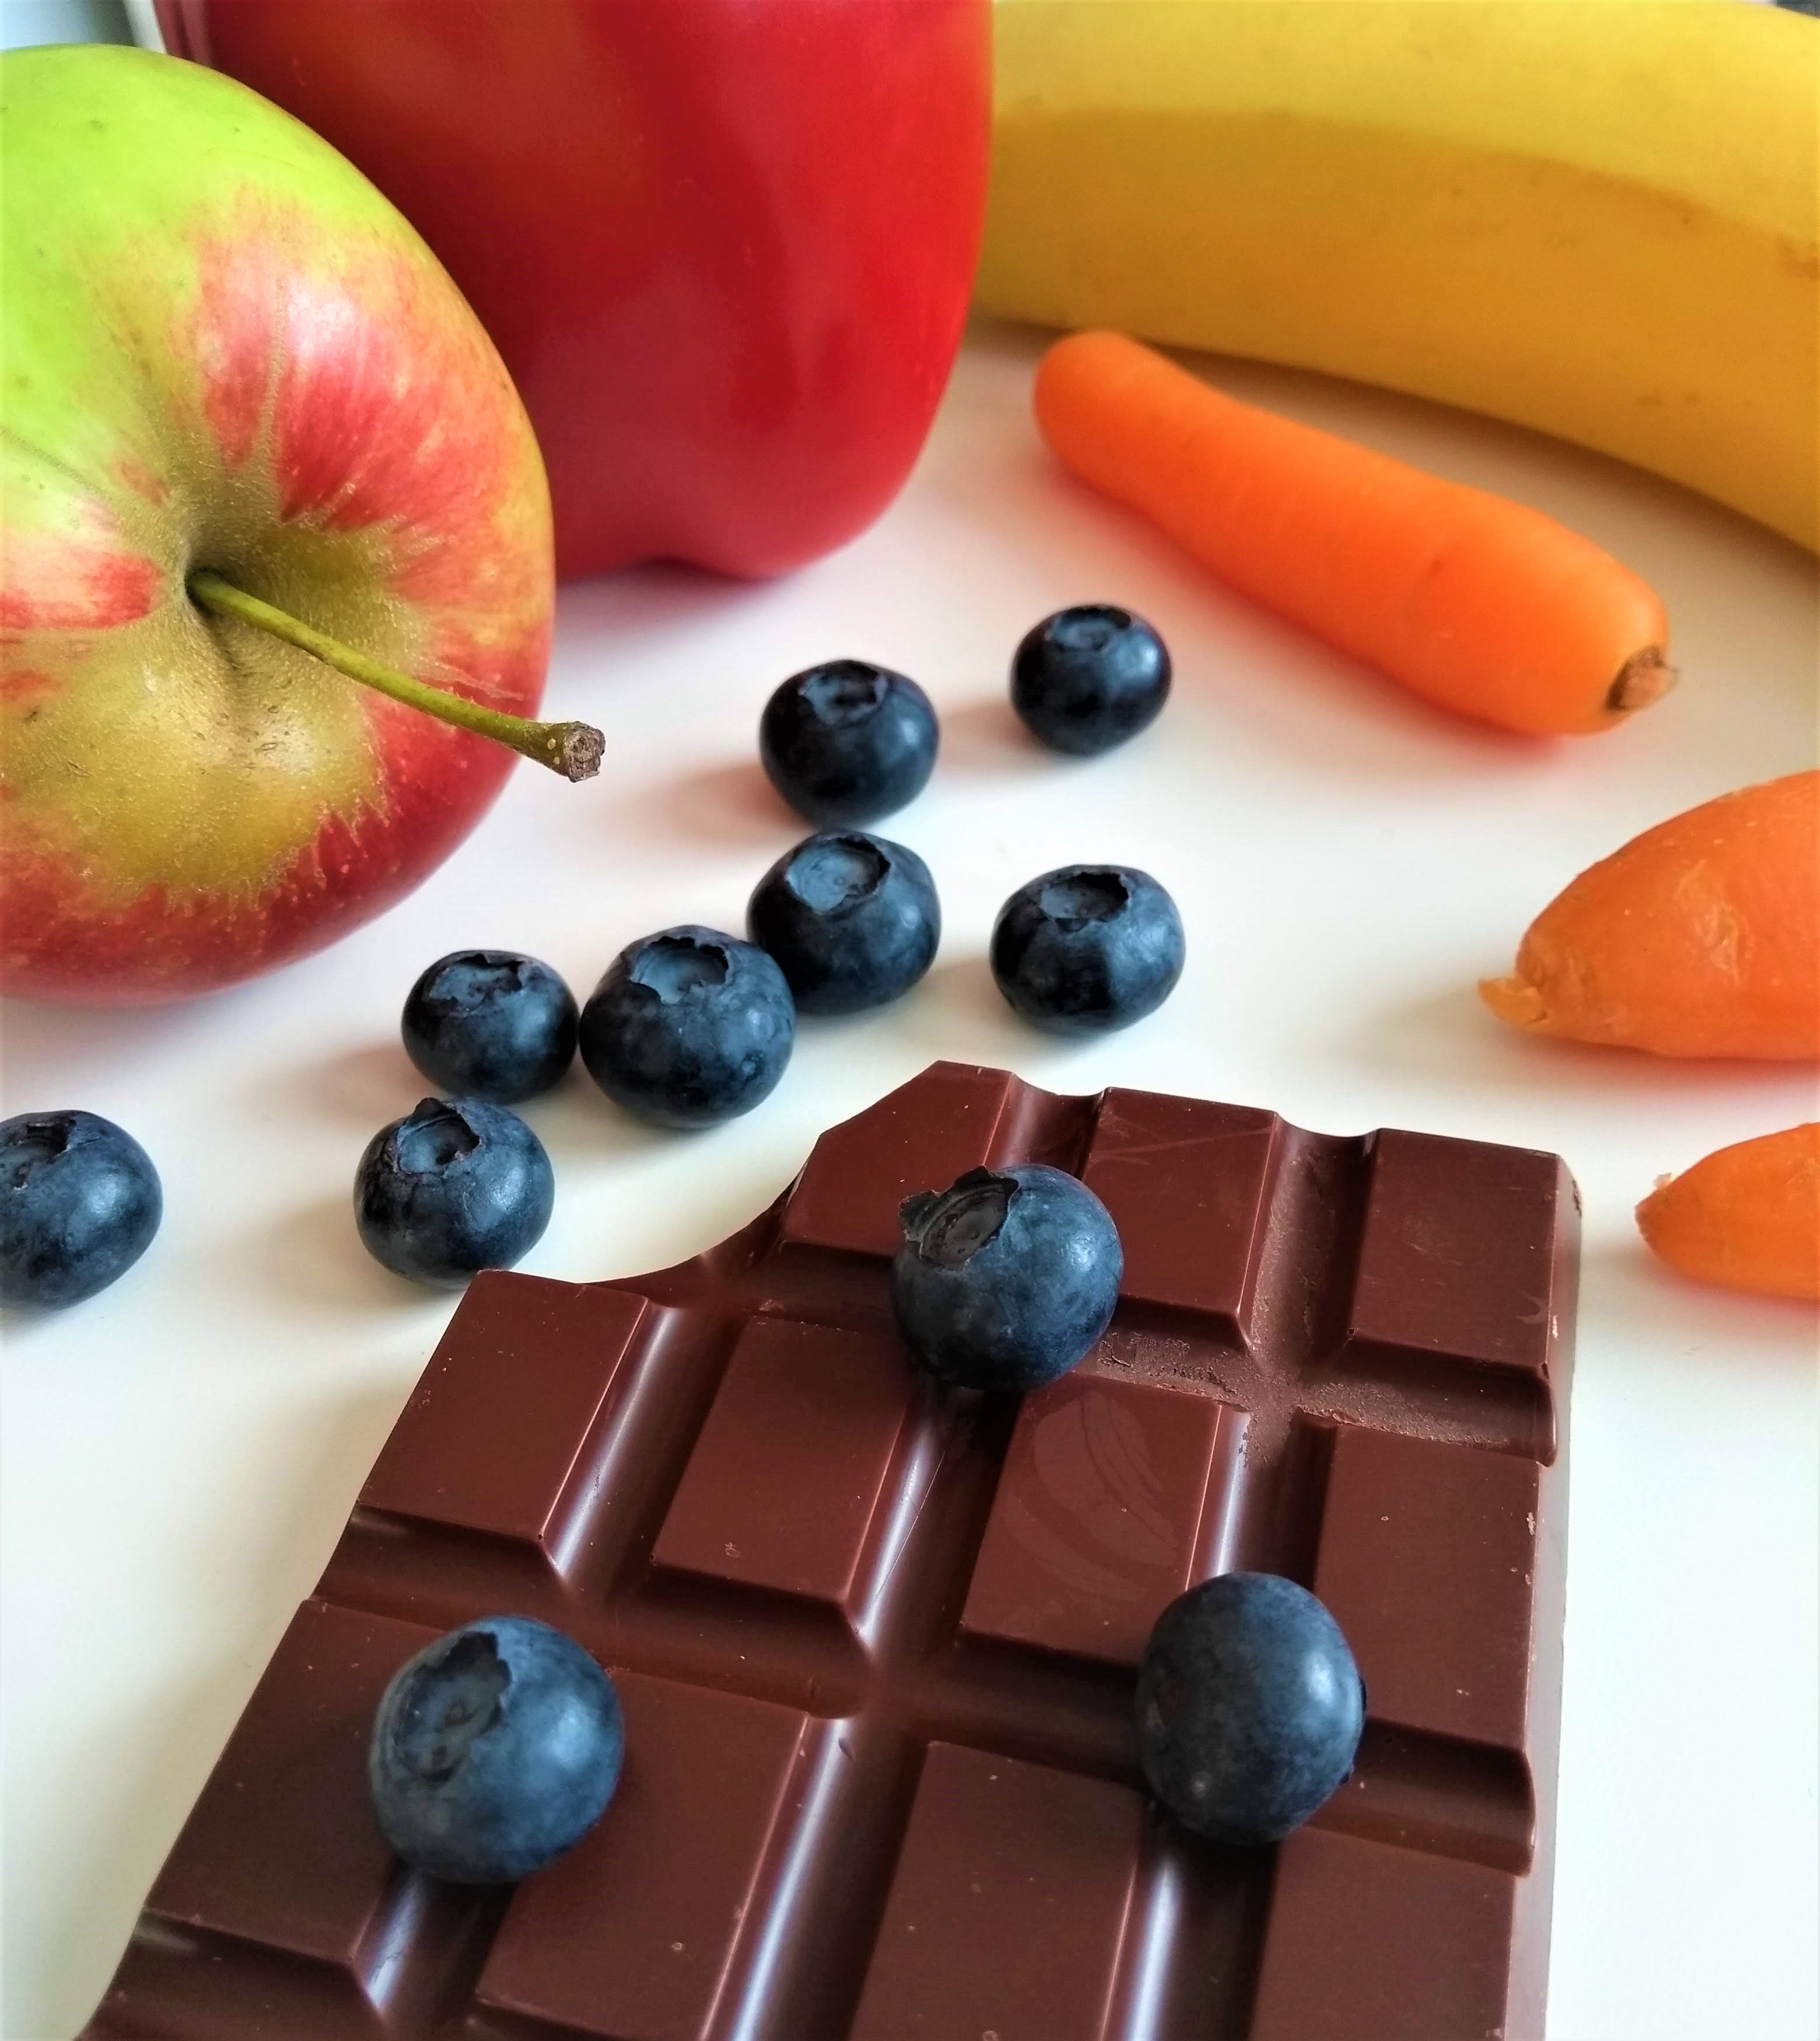 Is chocolade gezond?